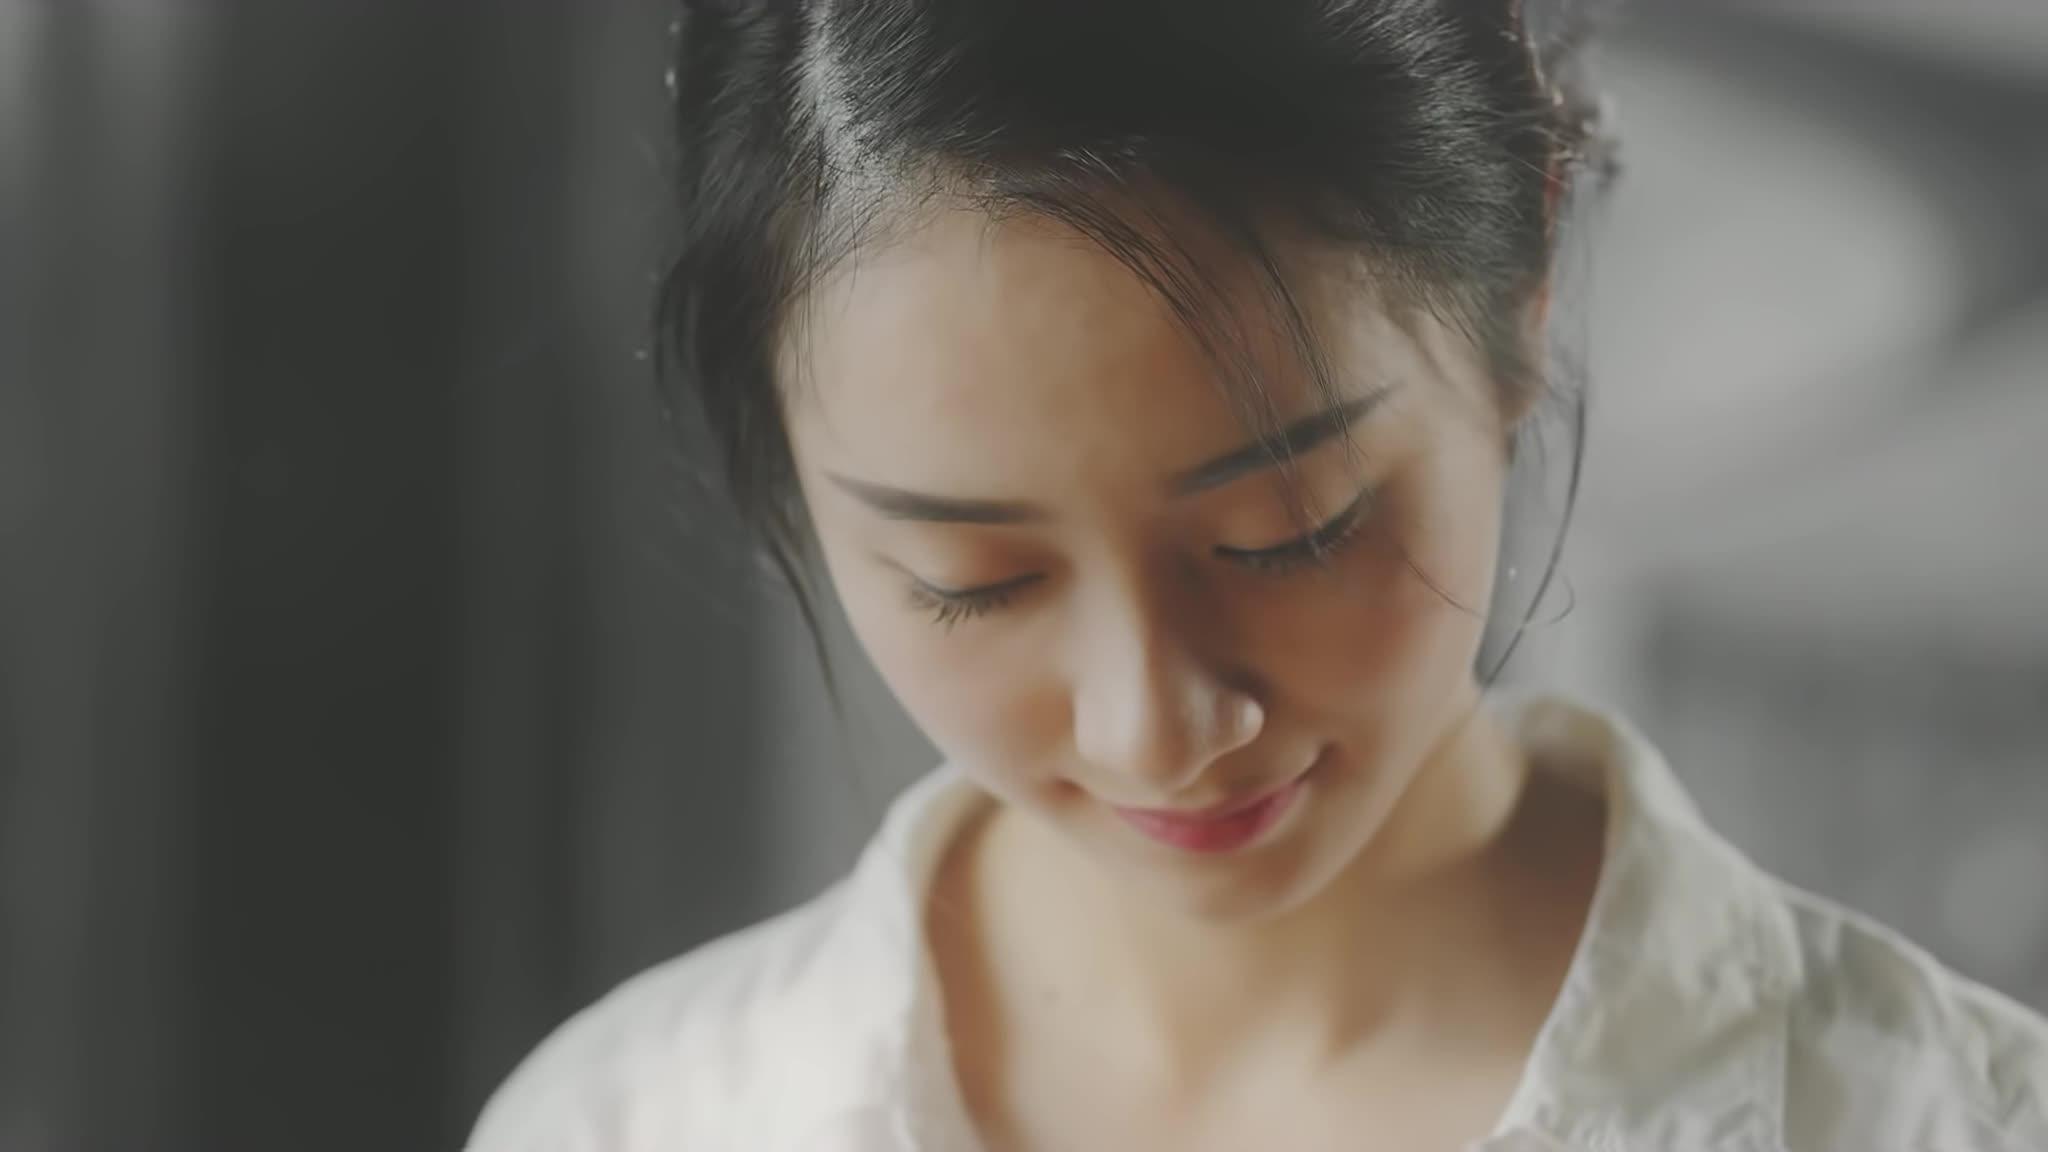 Jun Vũ: Nữ nhân bạc tình khiến cho từ Noo đến Erik đều đau khổ tận cùng